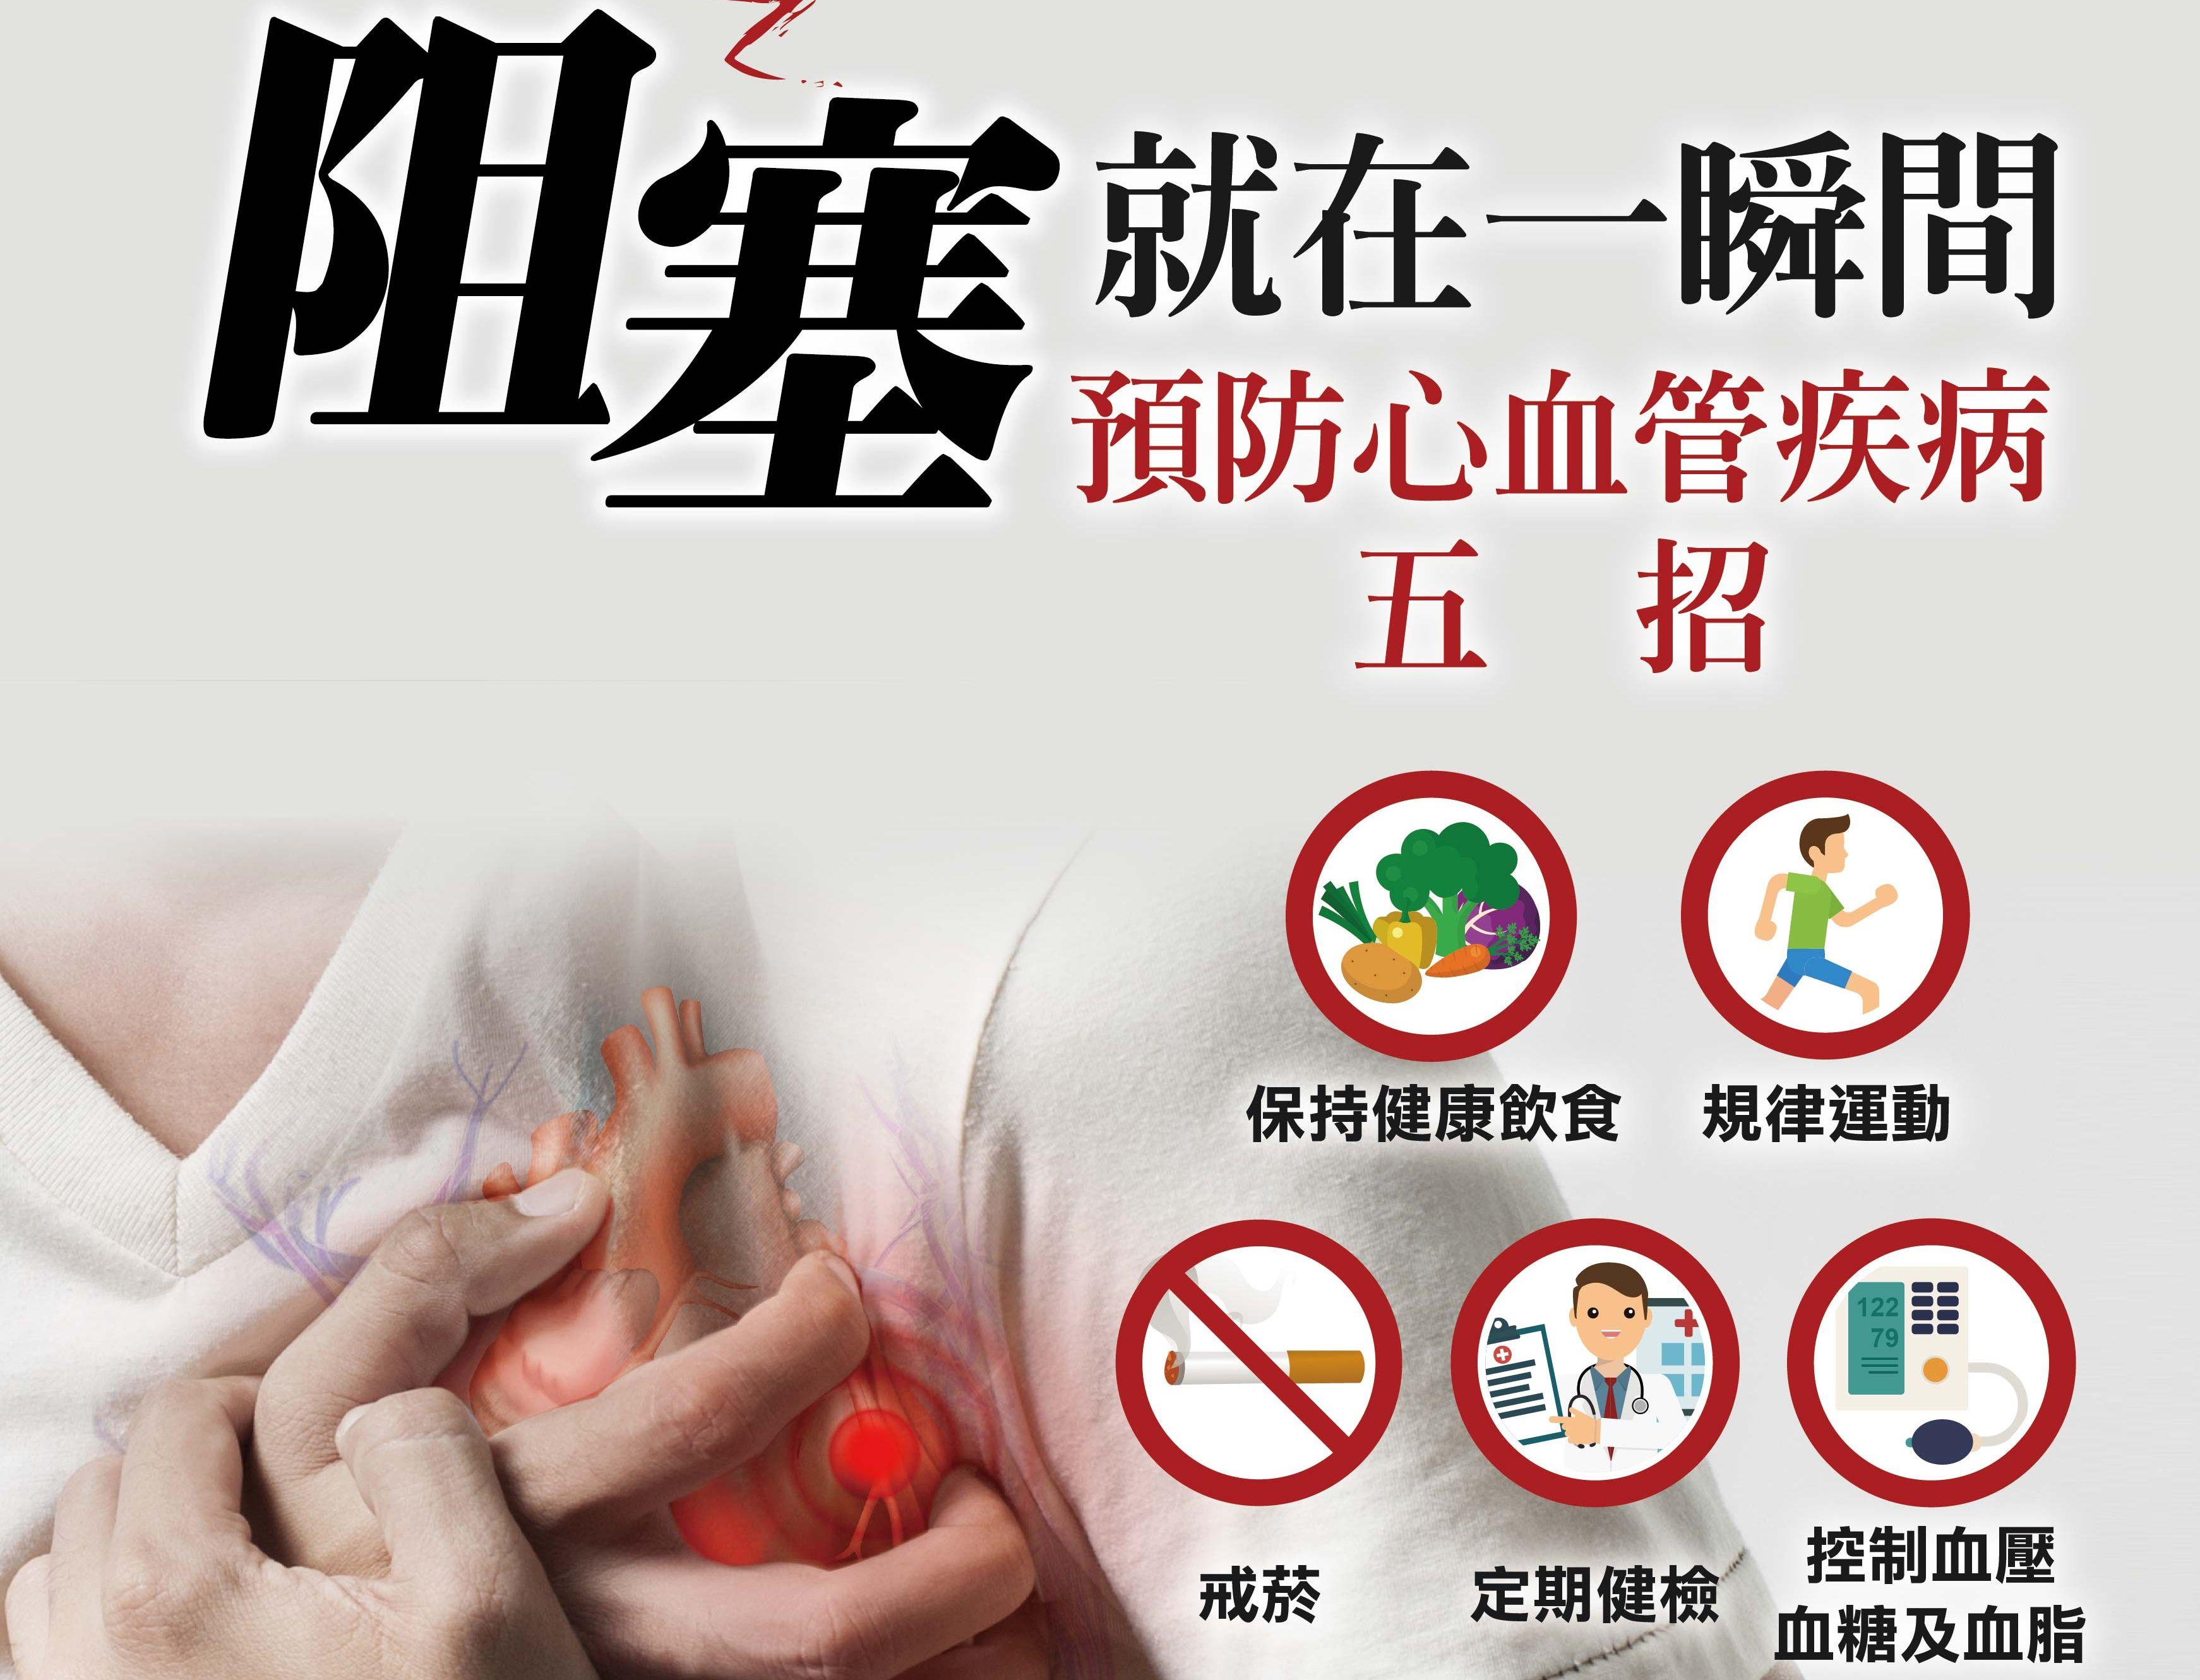 預防心血管疾病女兒提醒篇-國語版